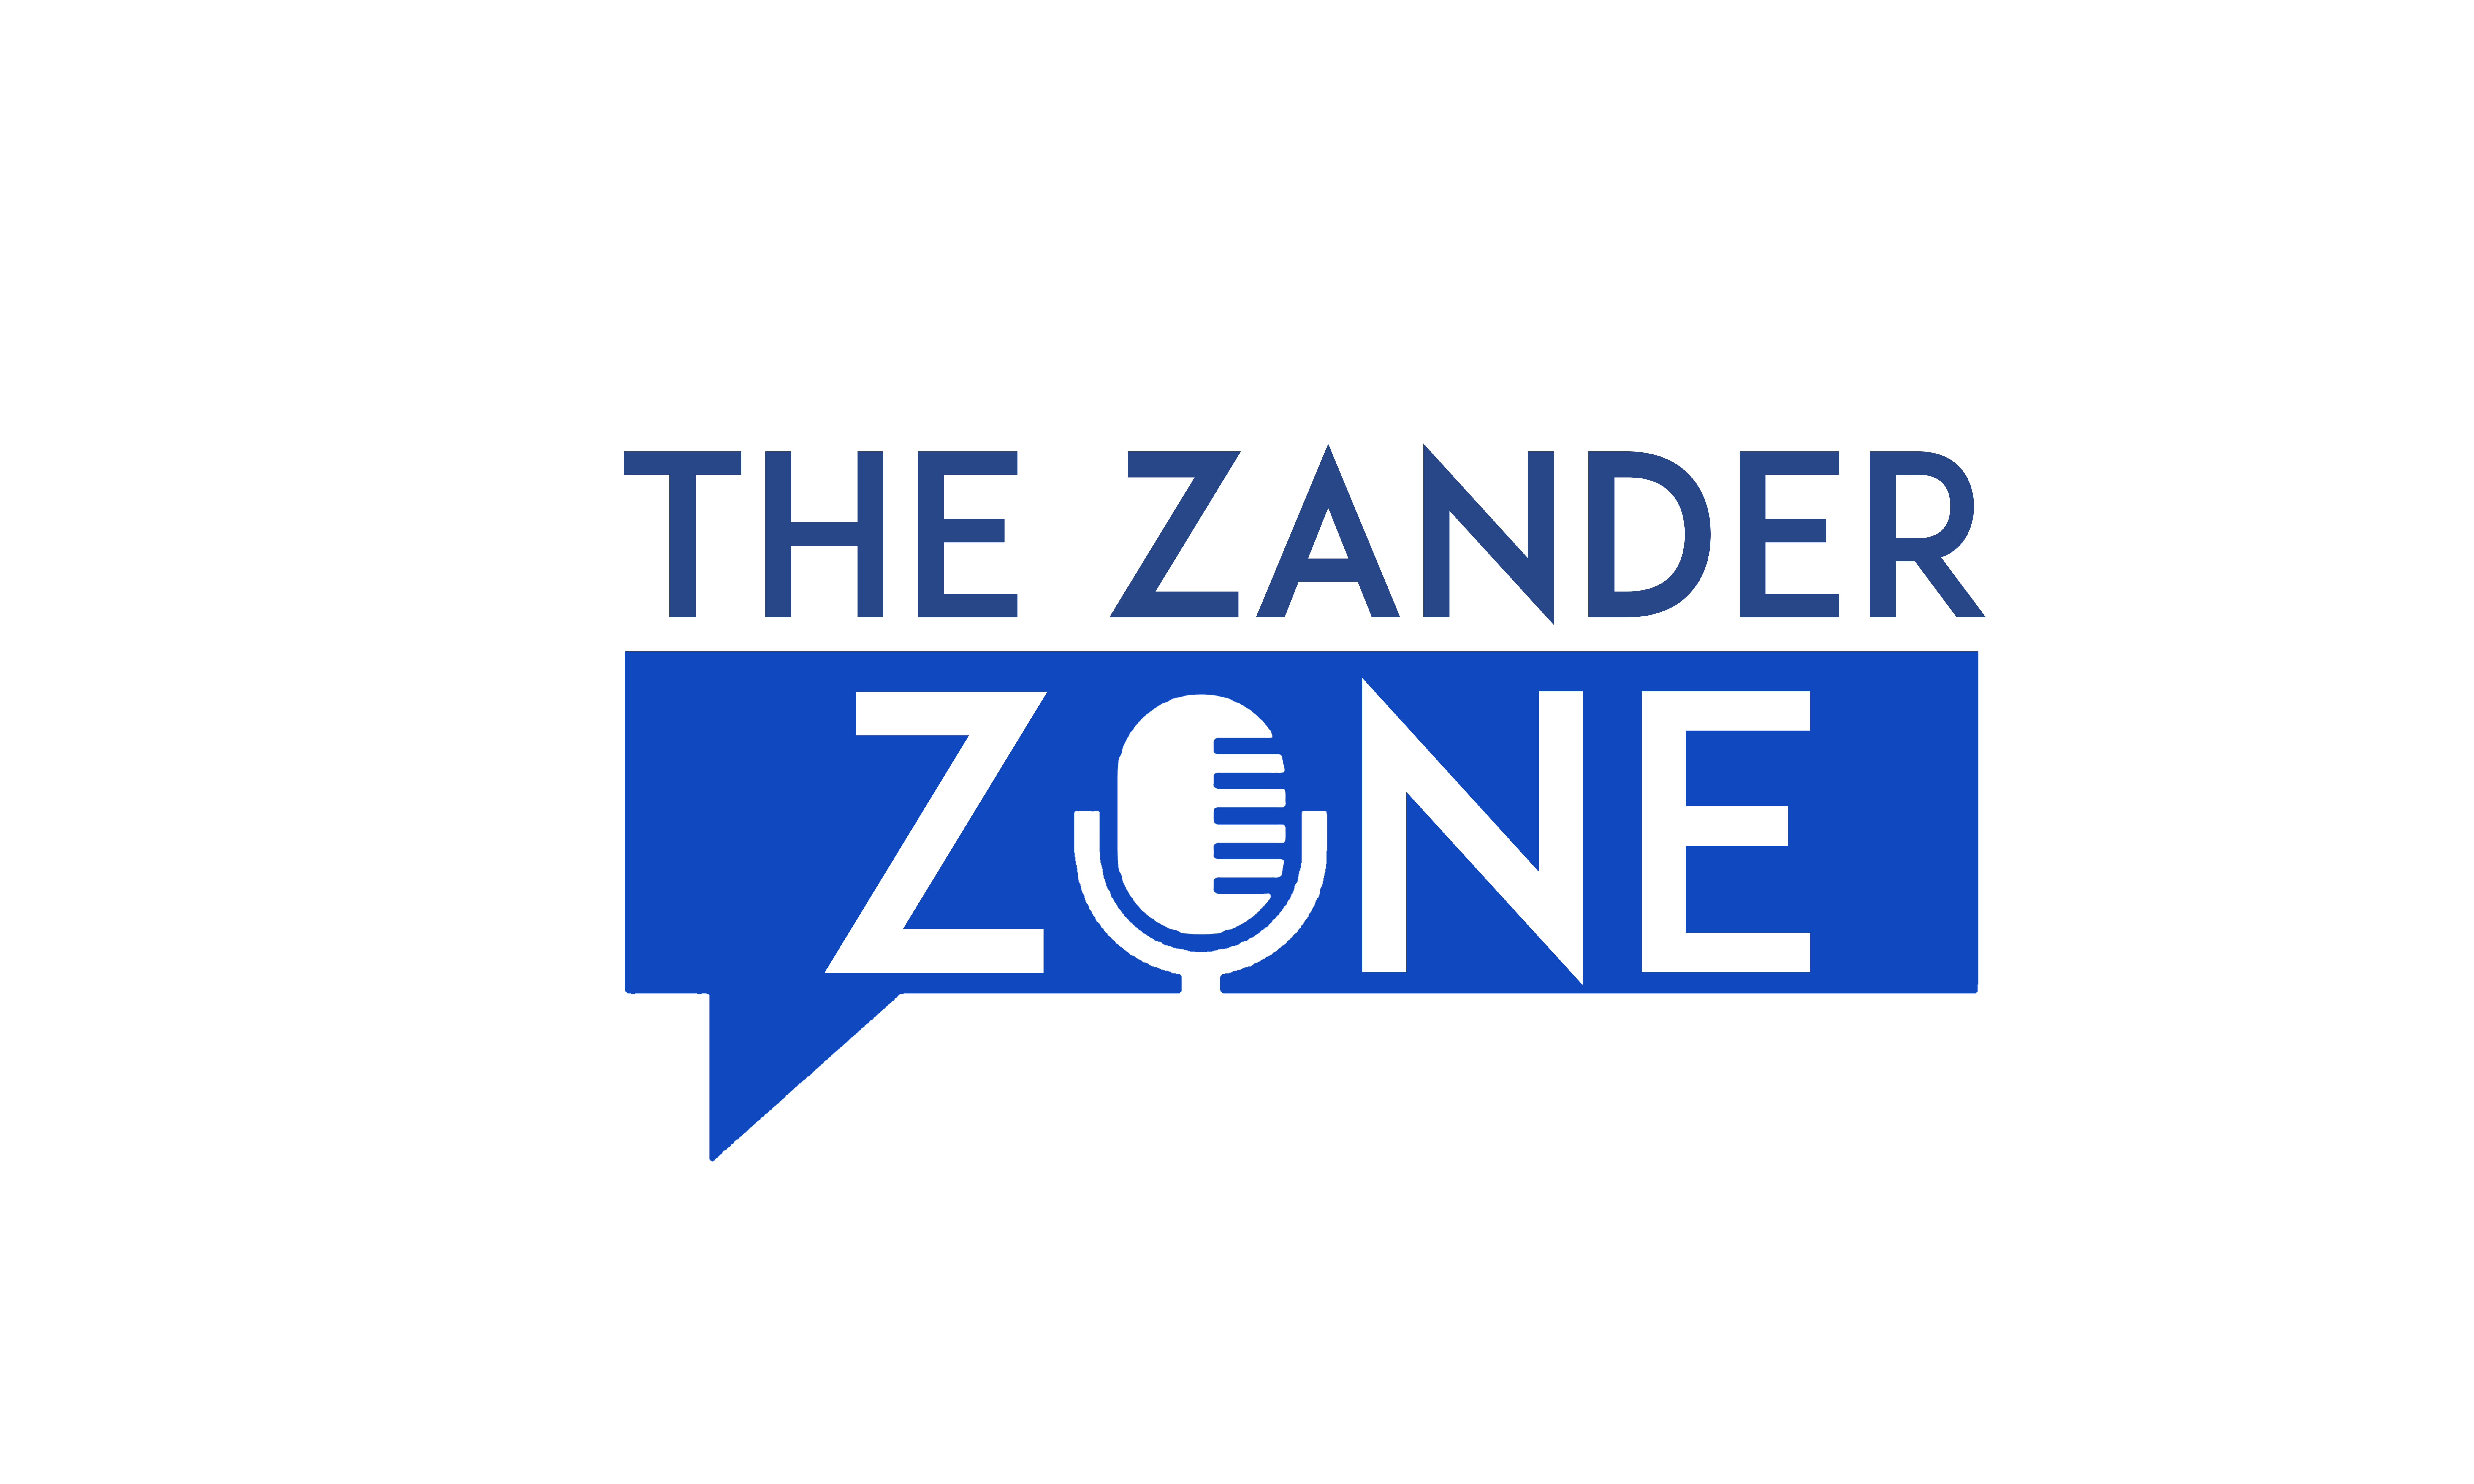 The Zander Zone